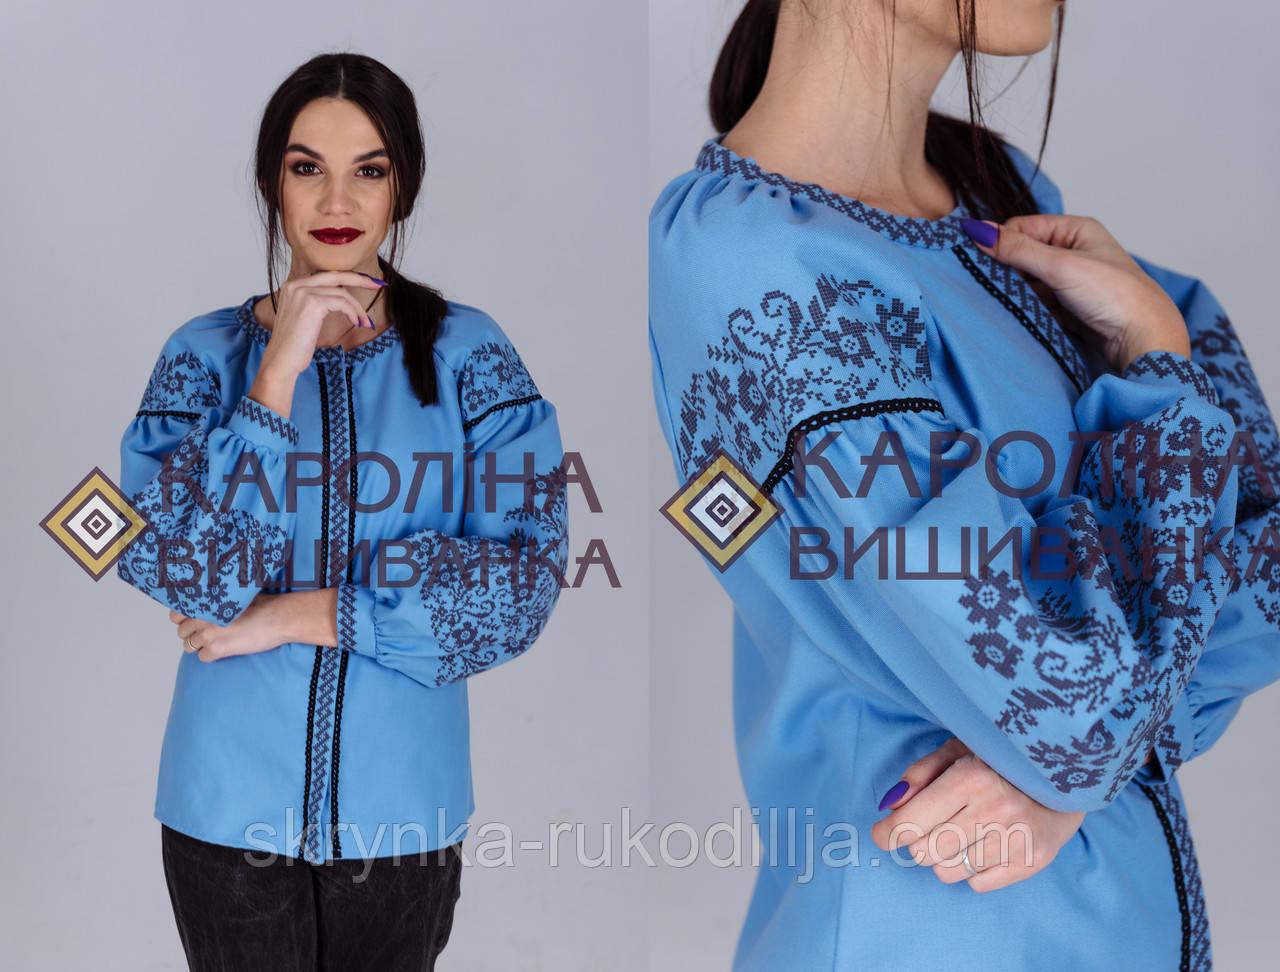 Заготовка непошита для вишивання бісером або нитками жіночої сорочки  вишиванки в стилі бохо - СКРИНЬКА. 2291ce405d5be